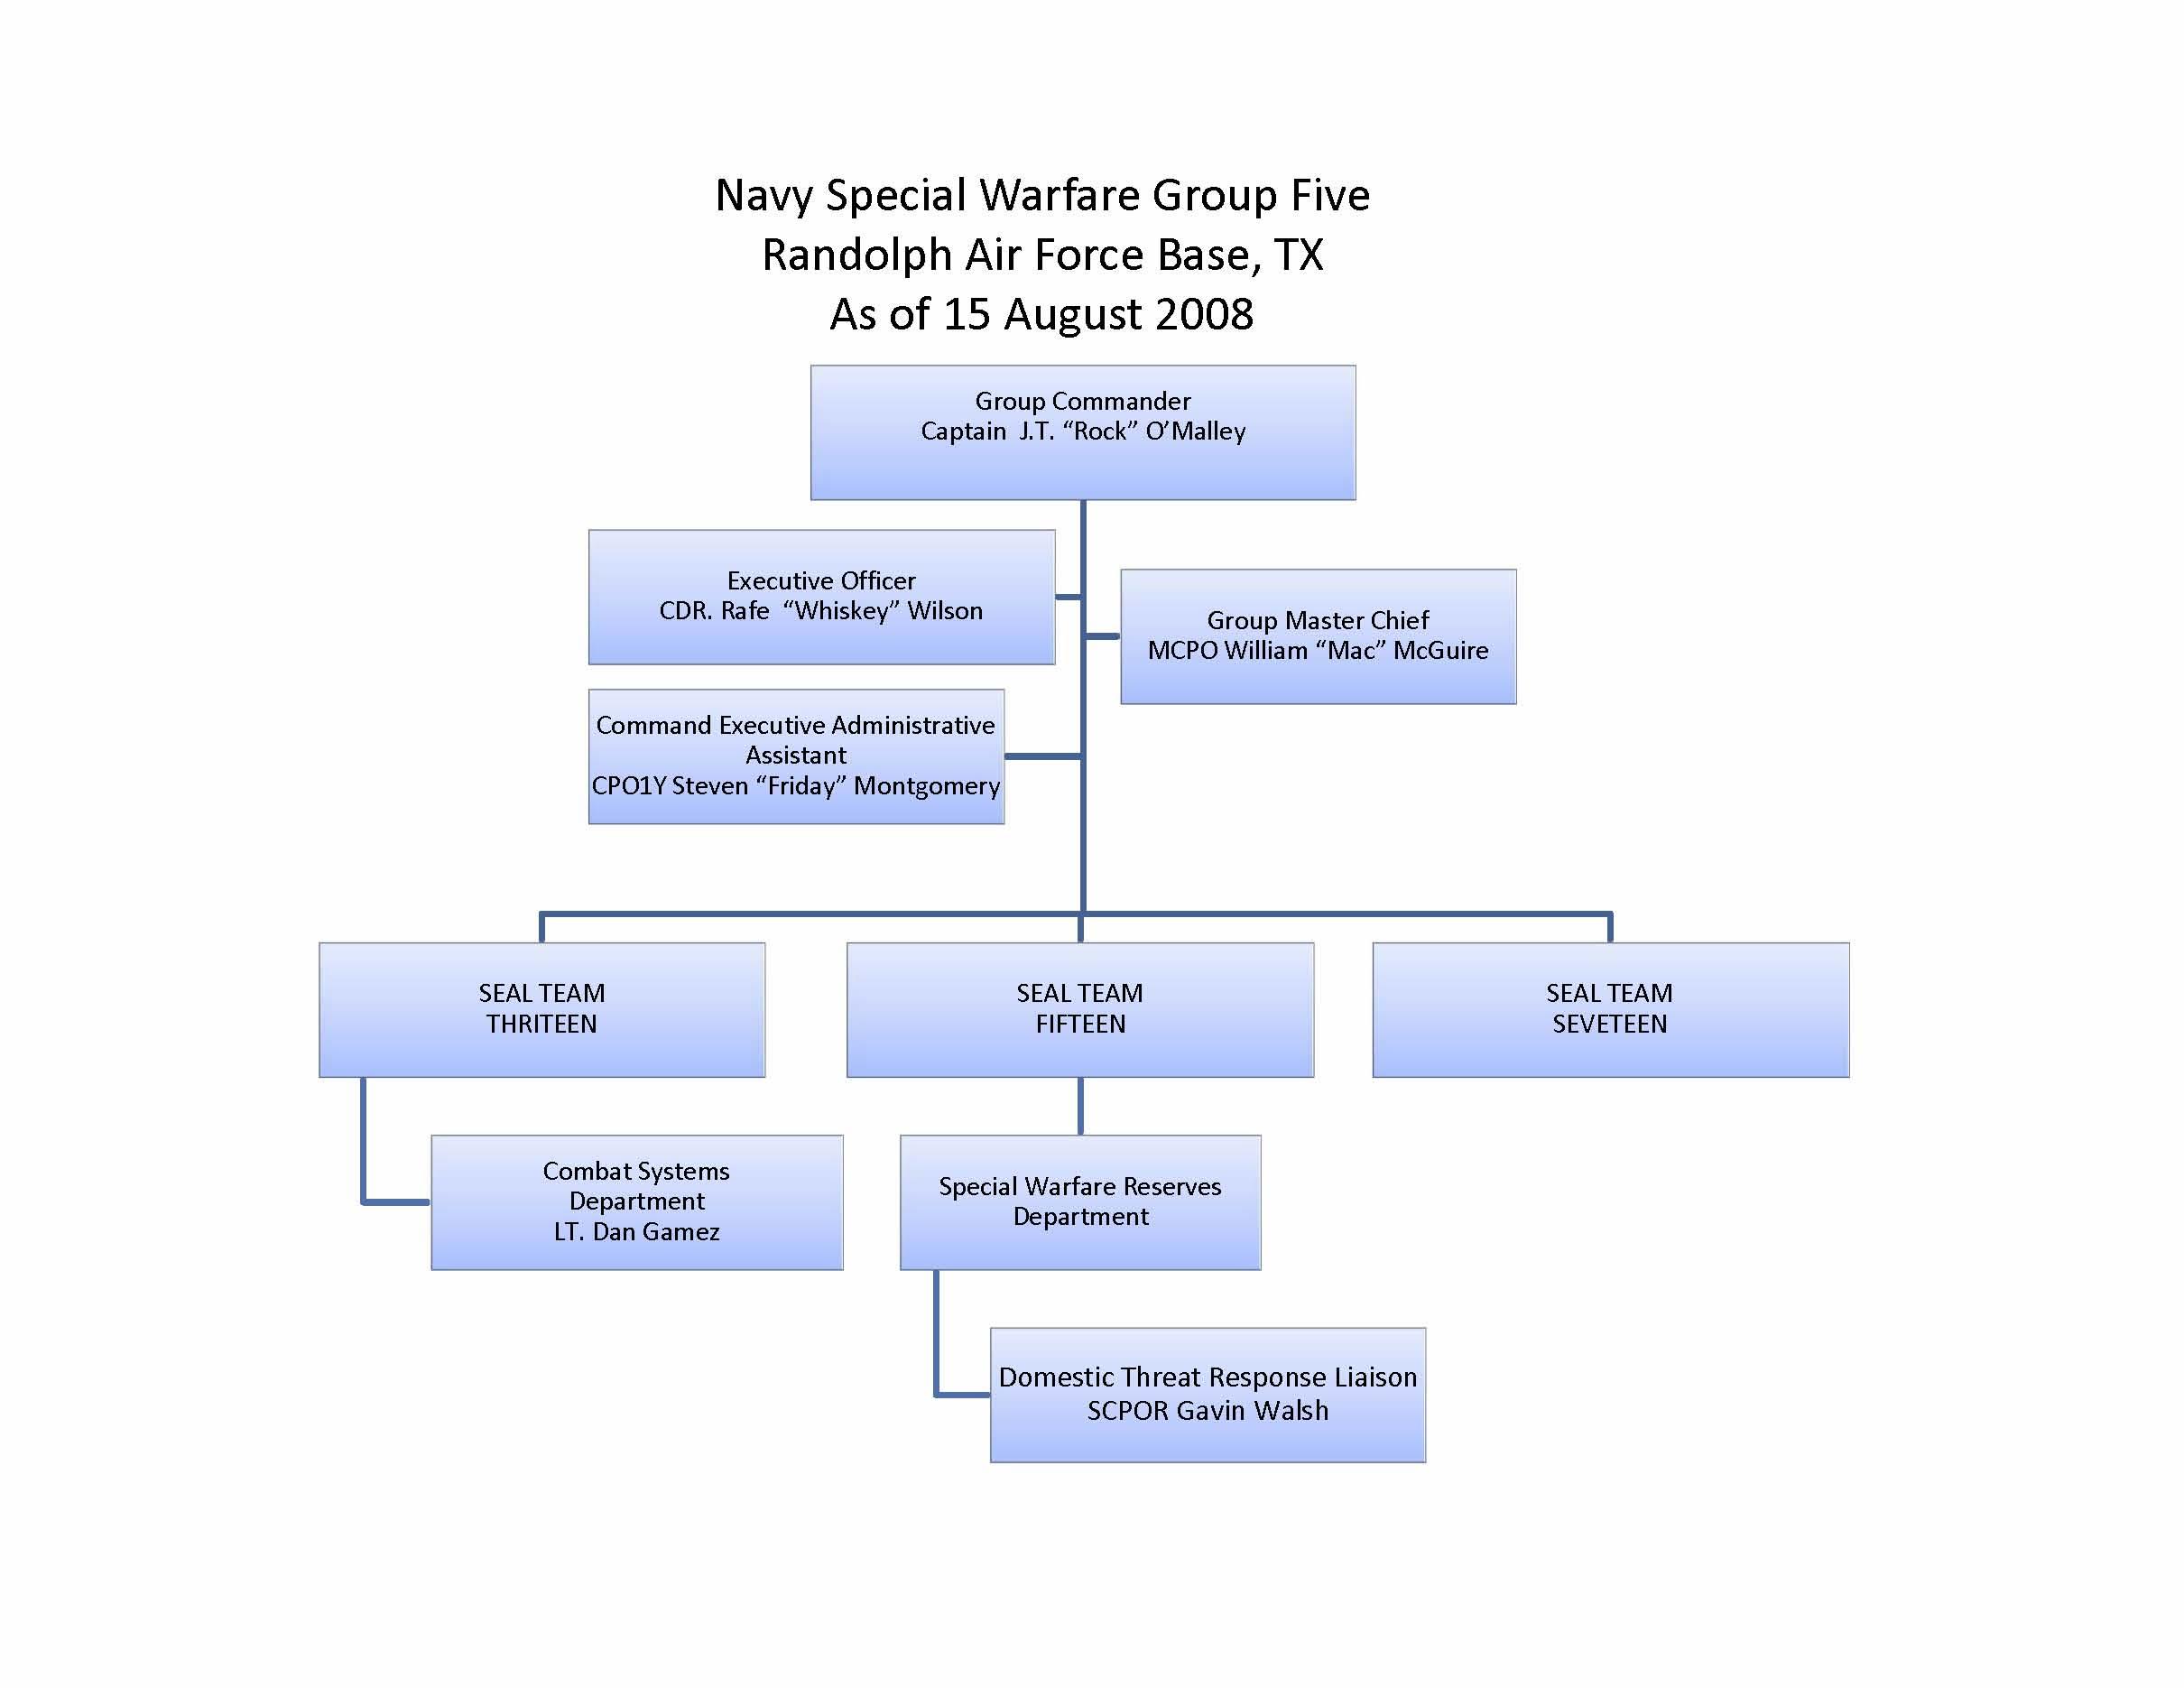 Org_NSPWG5 Chart